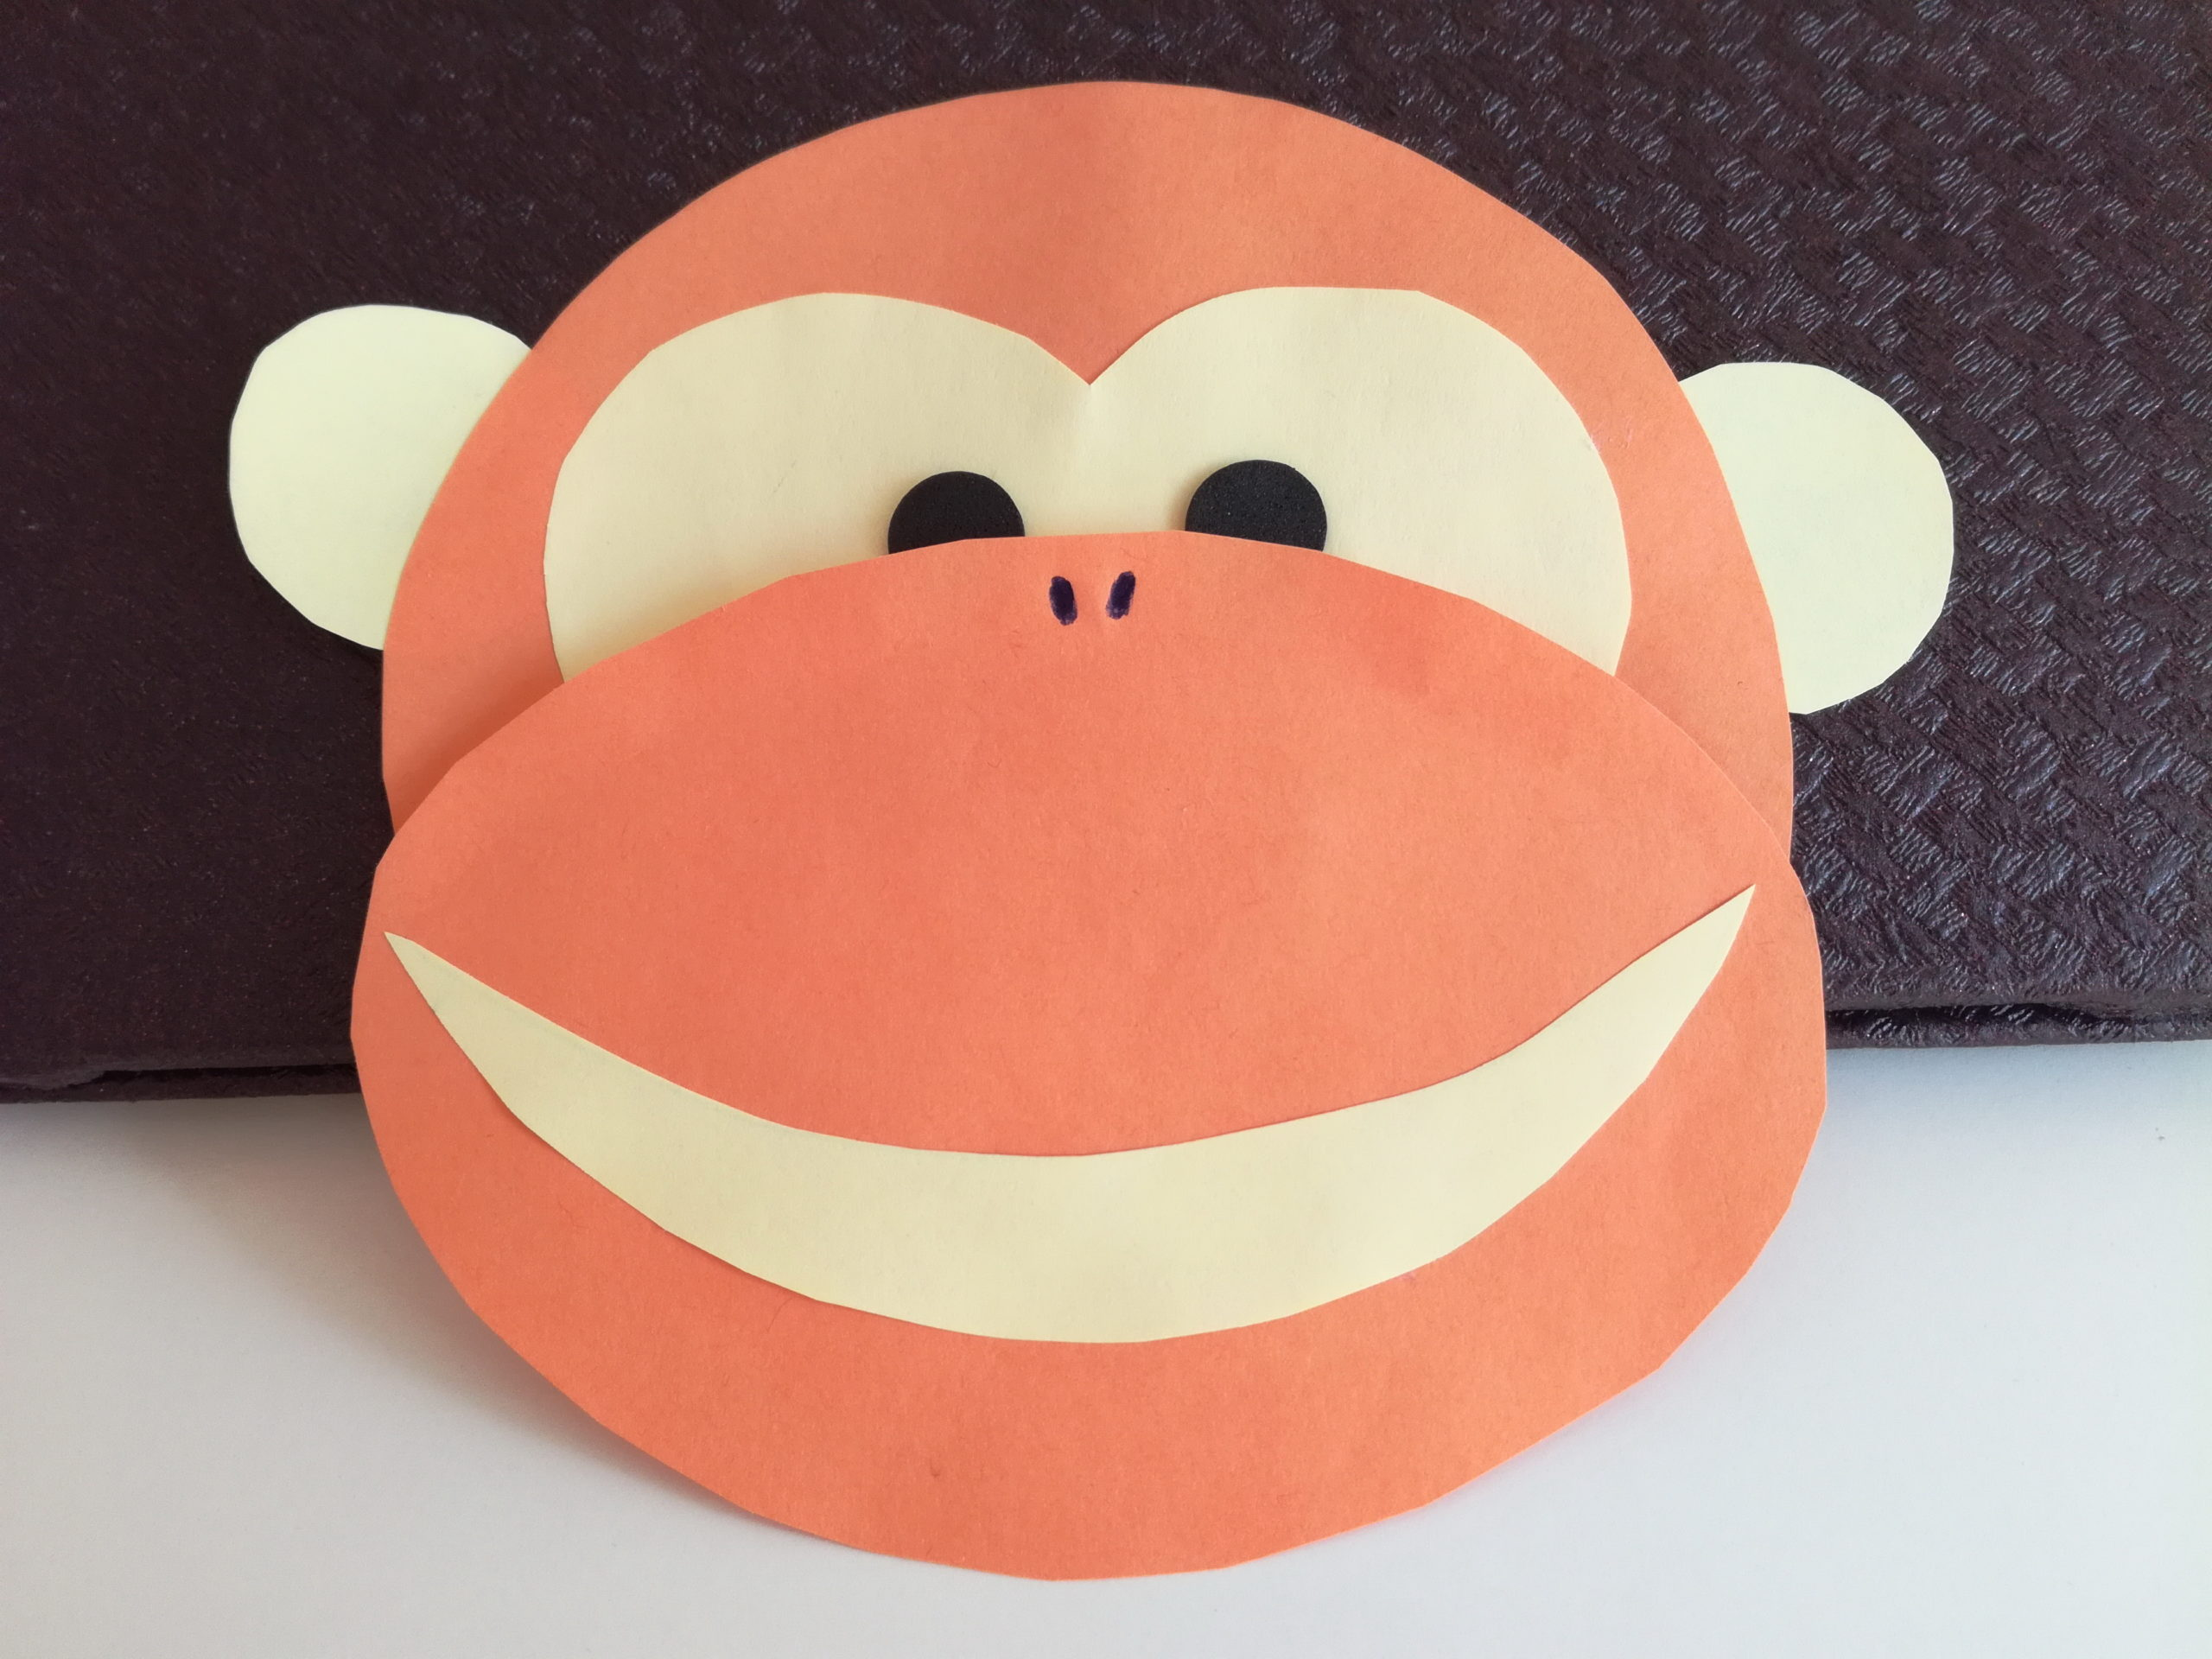 Zrób małpkę z papieru zabawa diy